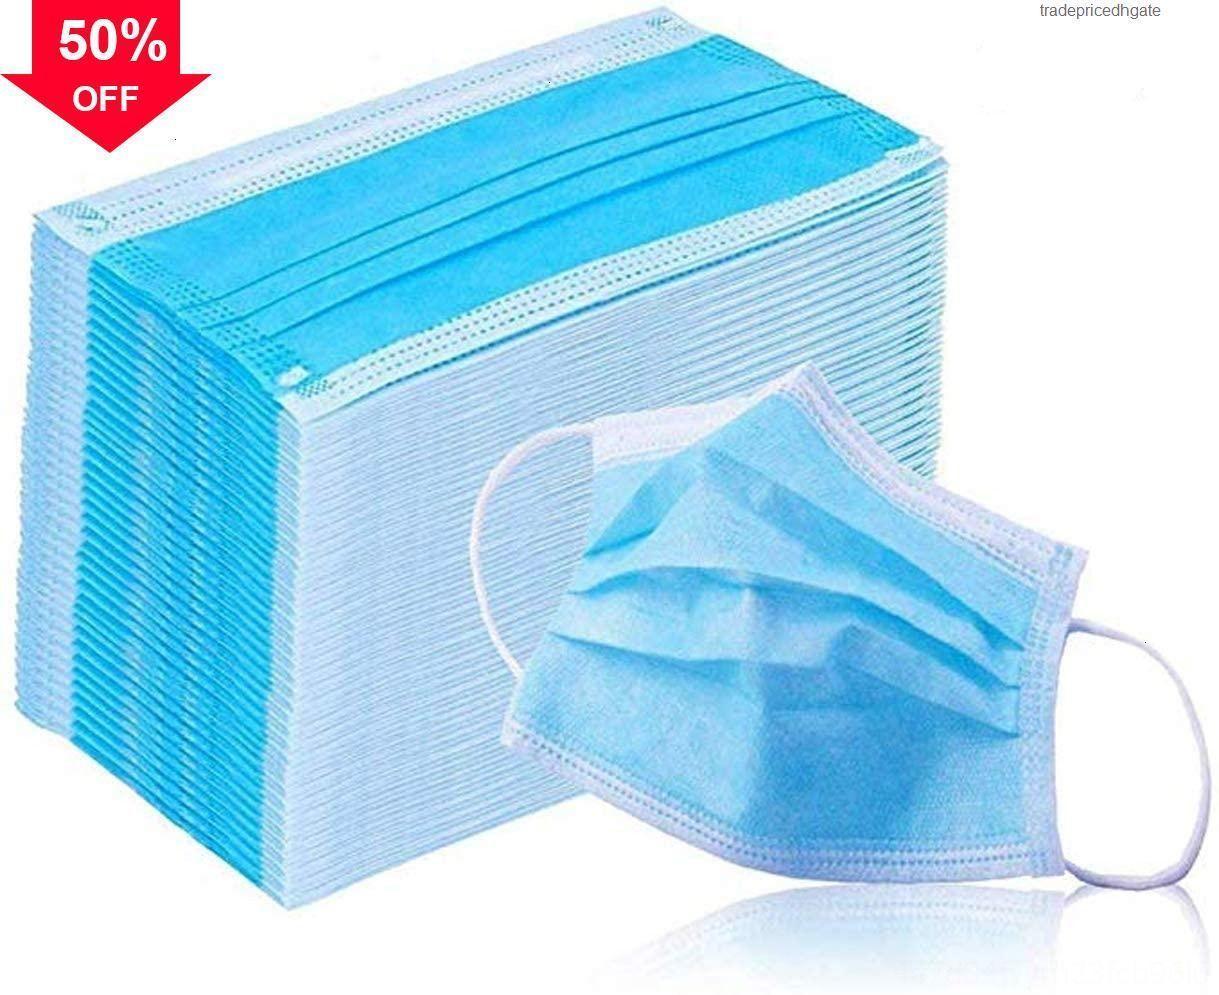 Синие слои PXB52 нетканые с гайми 3 эластичные растоп. Высококачественные приливы рот для блокировки лица одноразовые шеи маска пыли